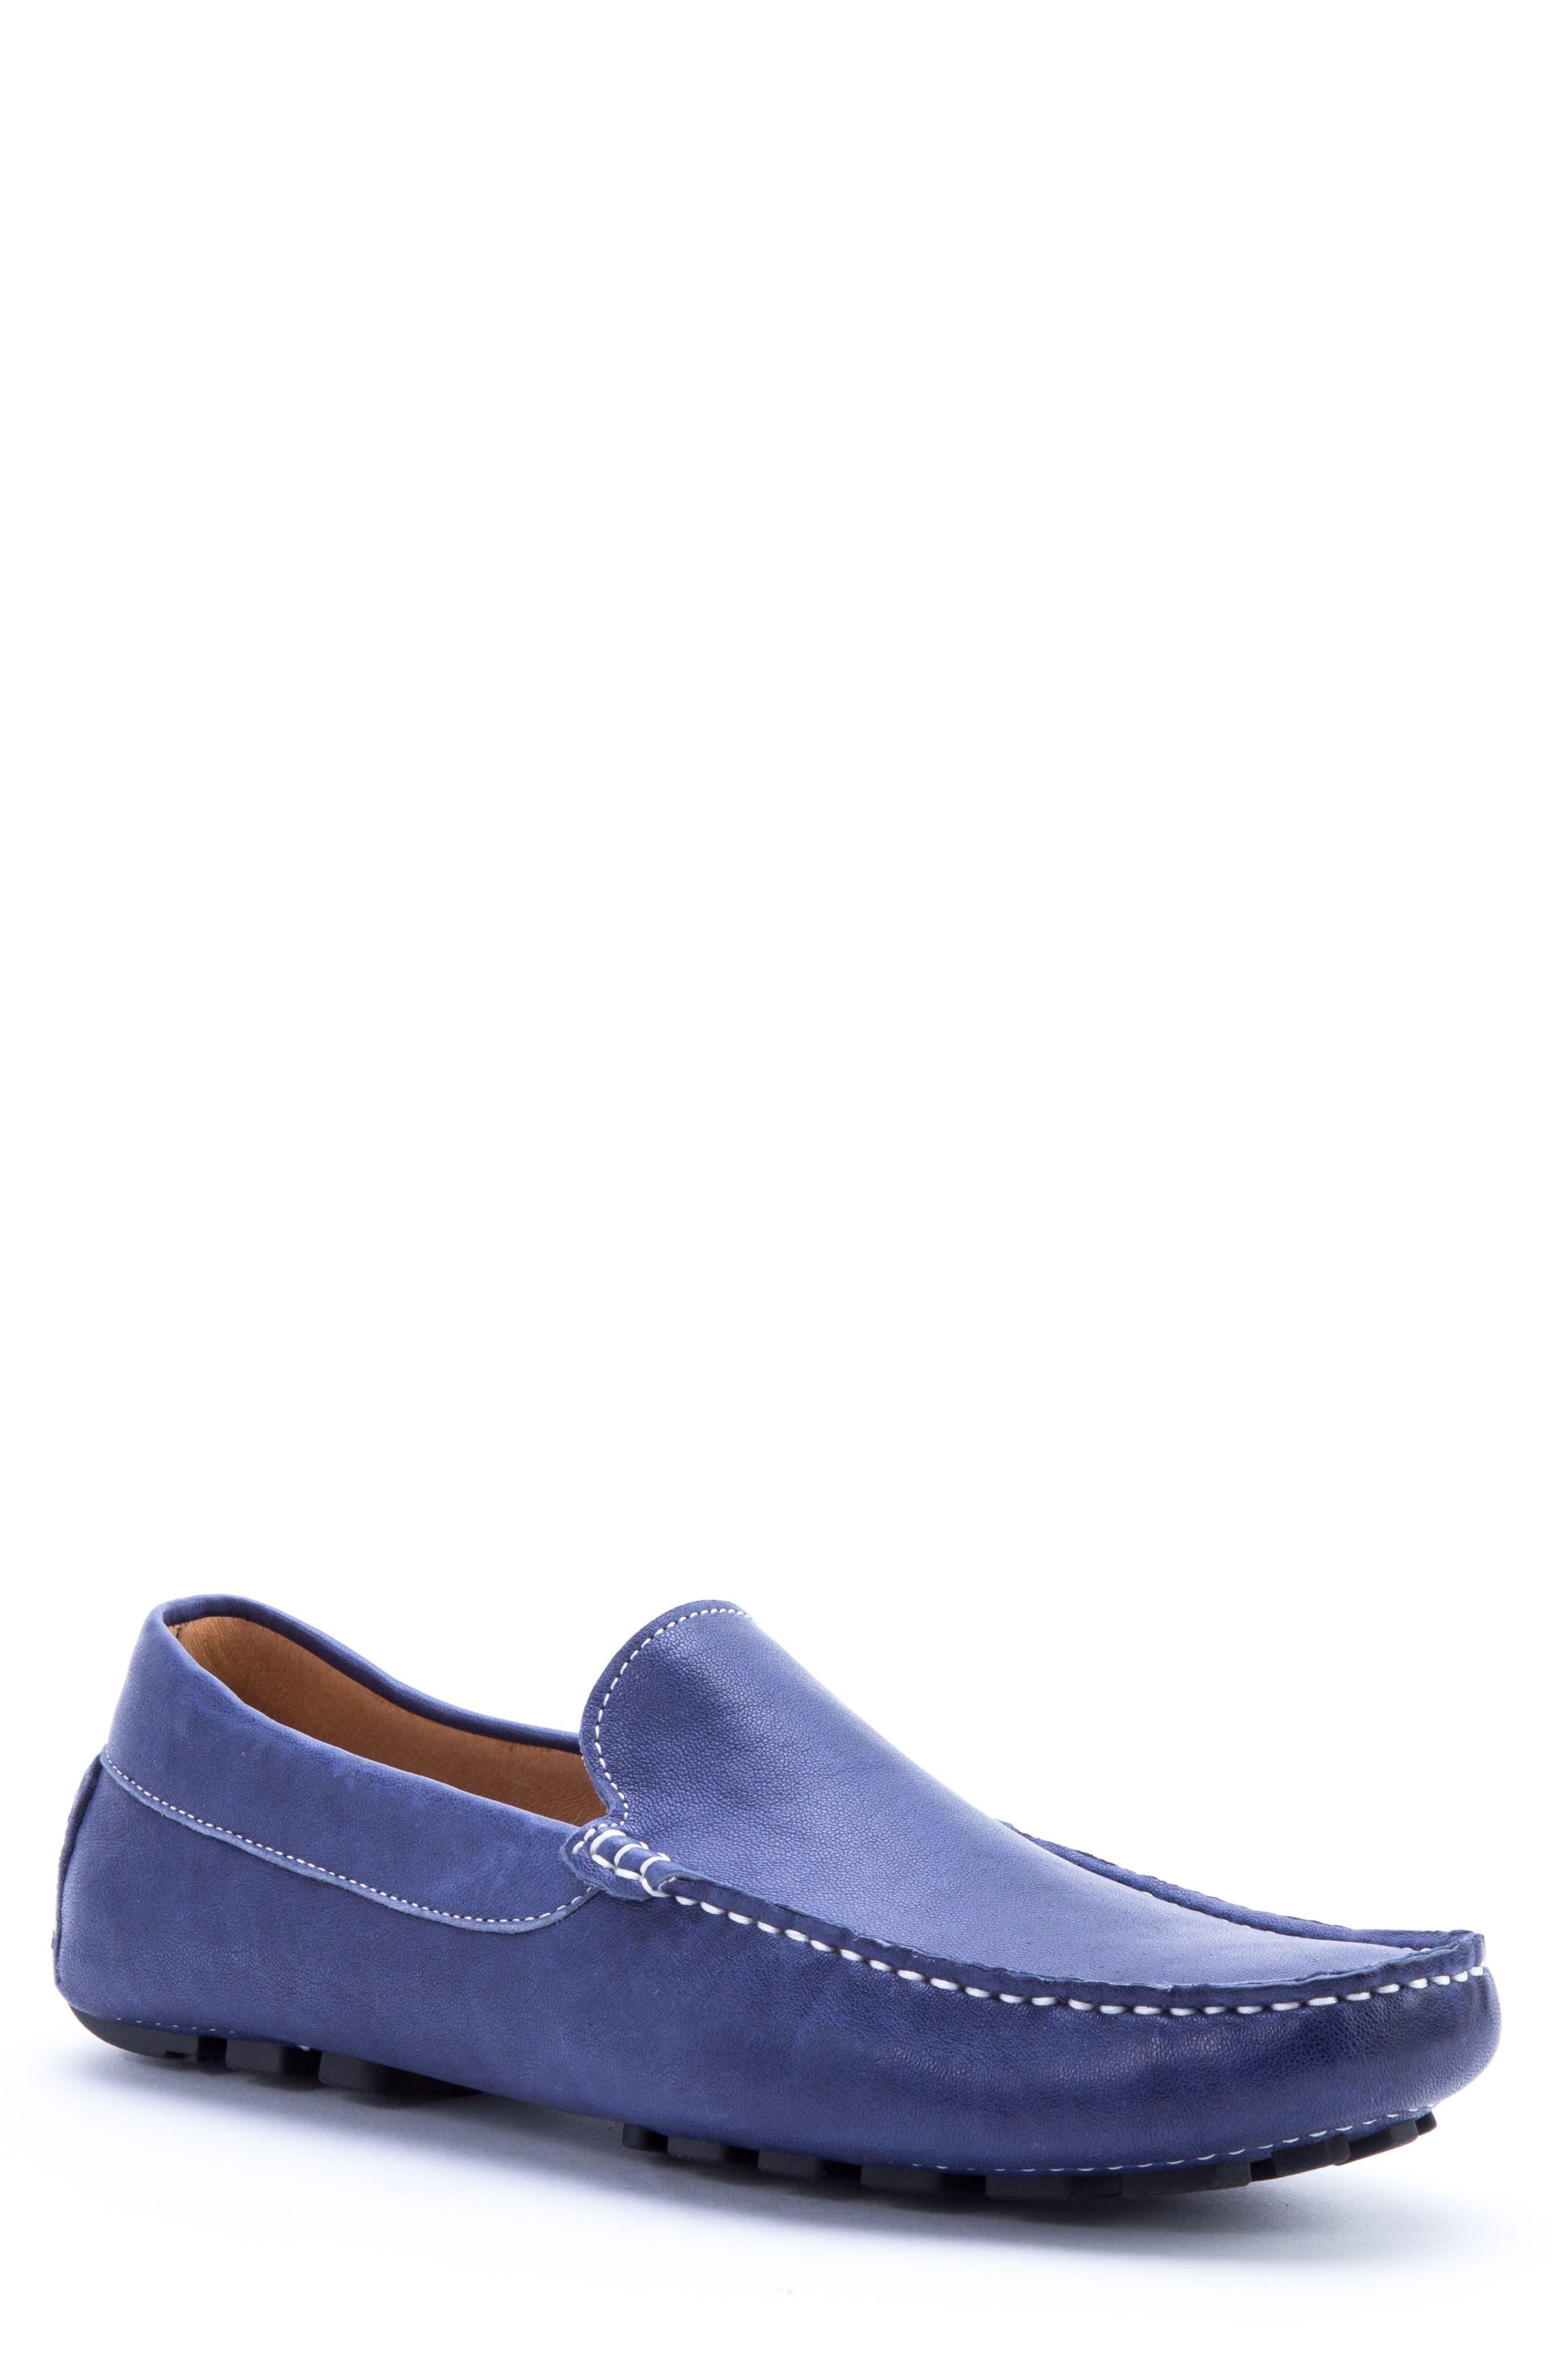 Zanzara Picasso 3 Moc Toe Driving Loafer, Blue